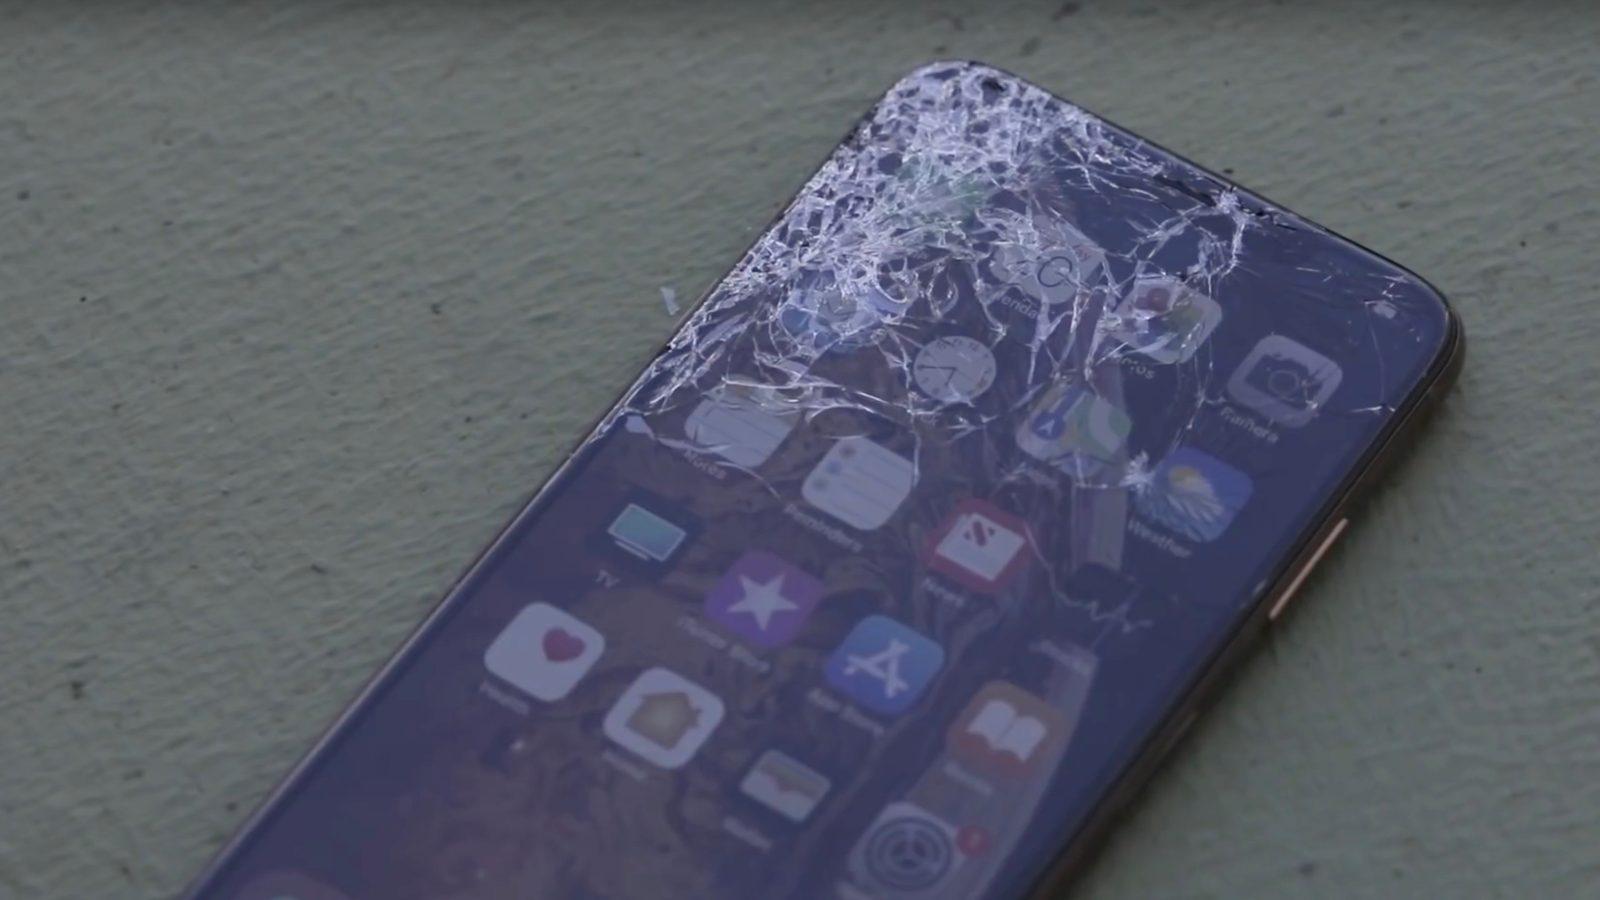 راهنمای تعویض گلس یا شیشه شکسته Apple iPhone XS Max